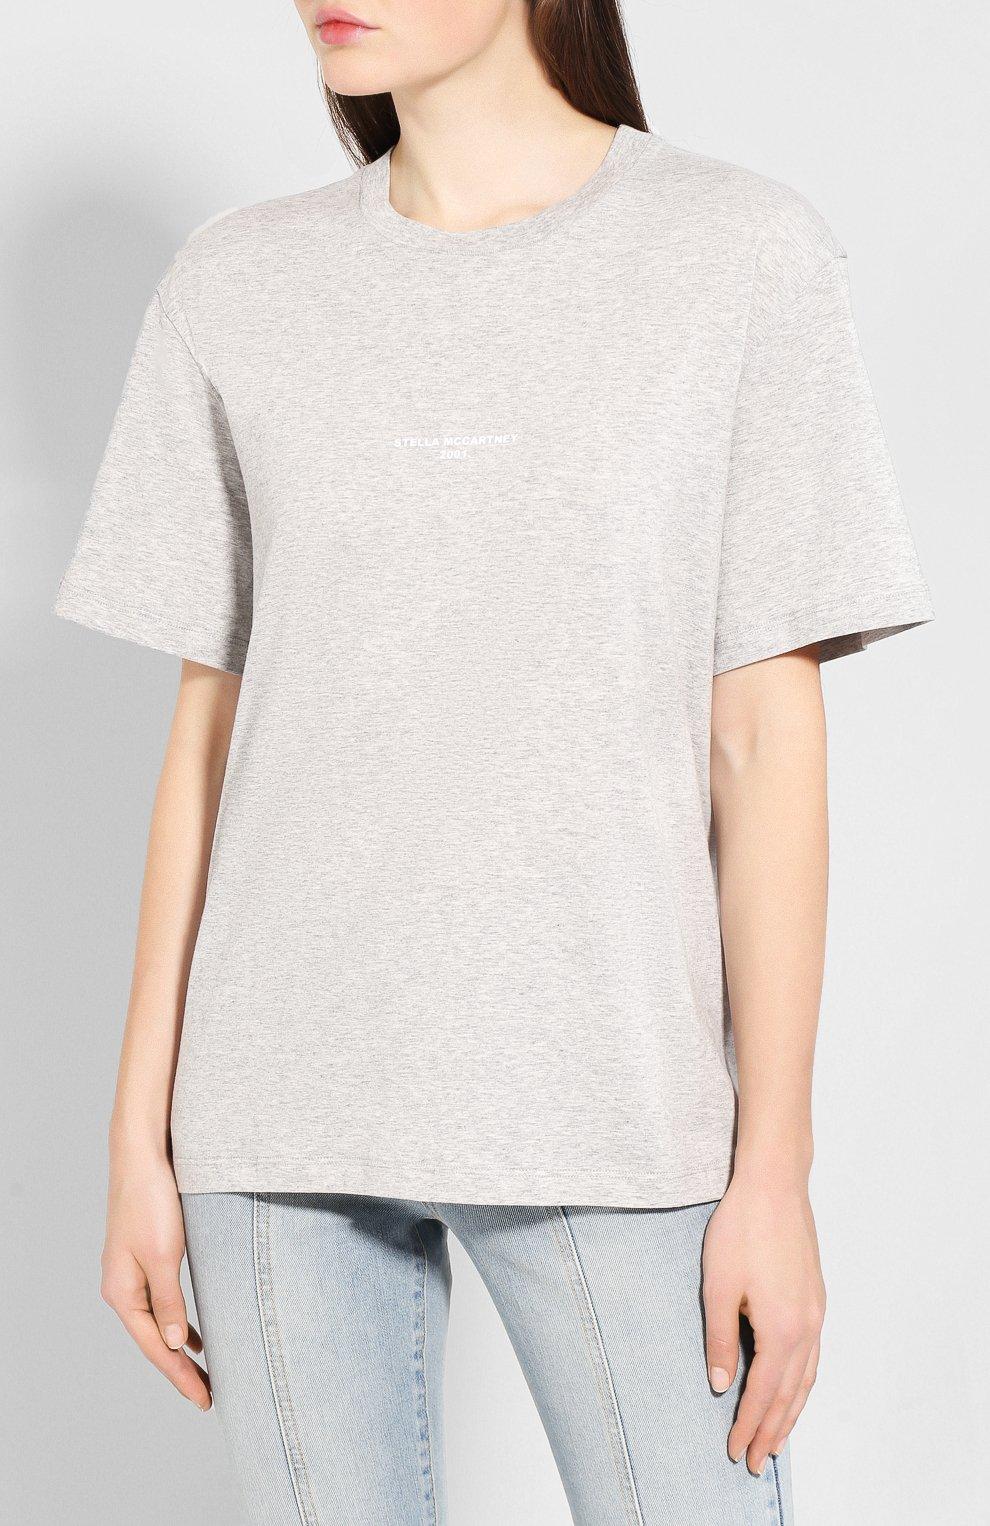 Хлопковая футболка   Фото №3